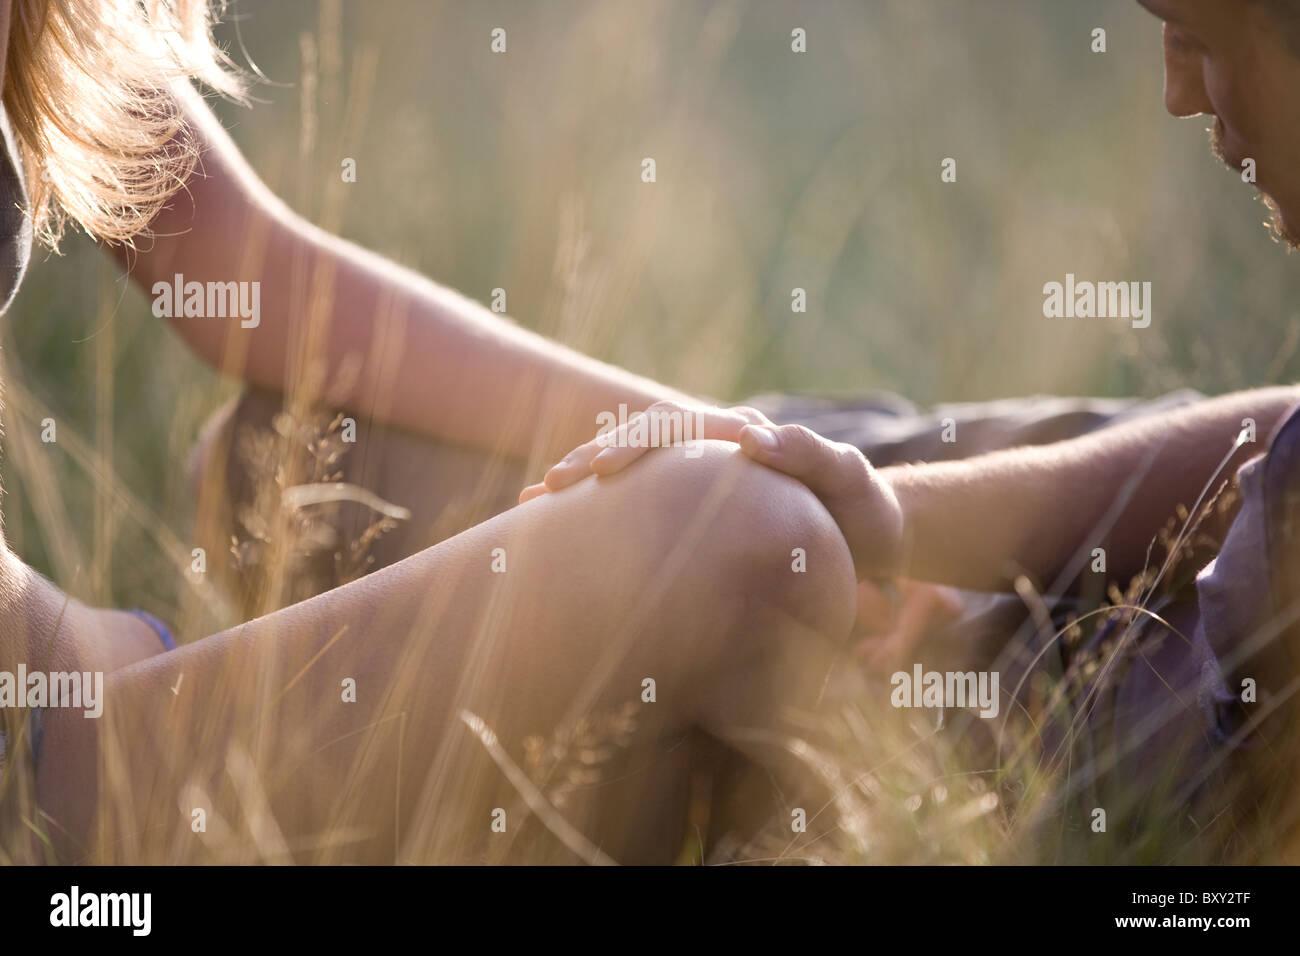 Détail d'un jeune couple à l'extérieur, mans main sur le genou de womans Photo Stock